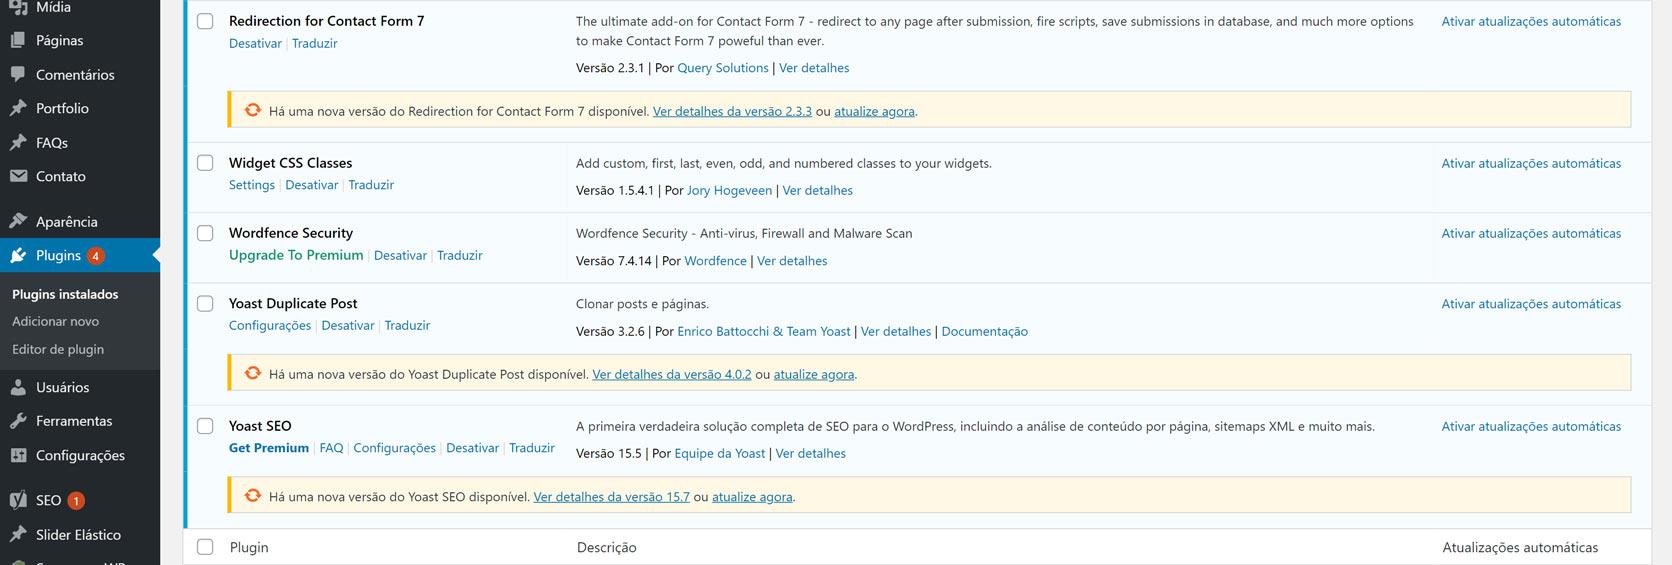 Faça a atualização dos plugins e temas do WordPress